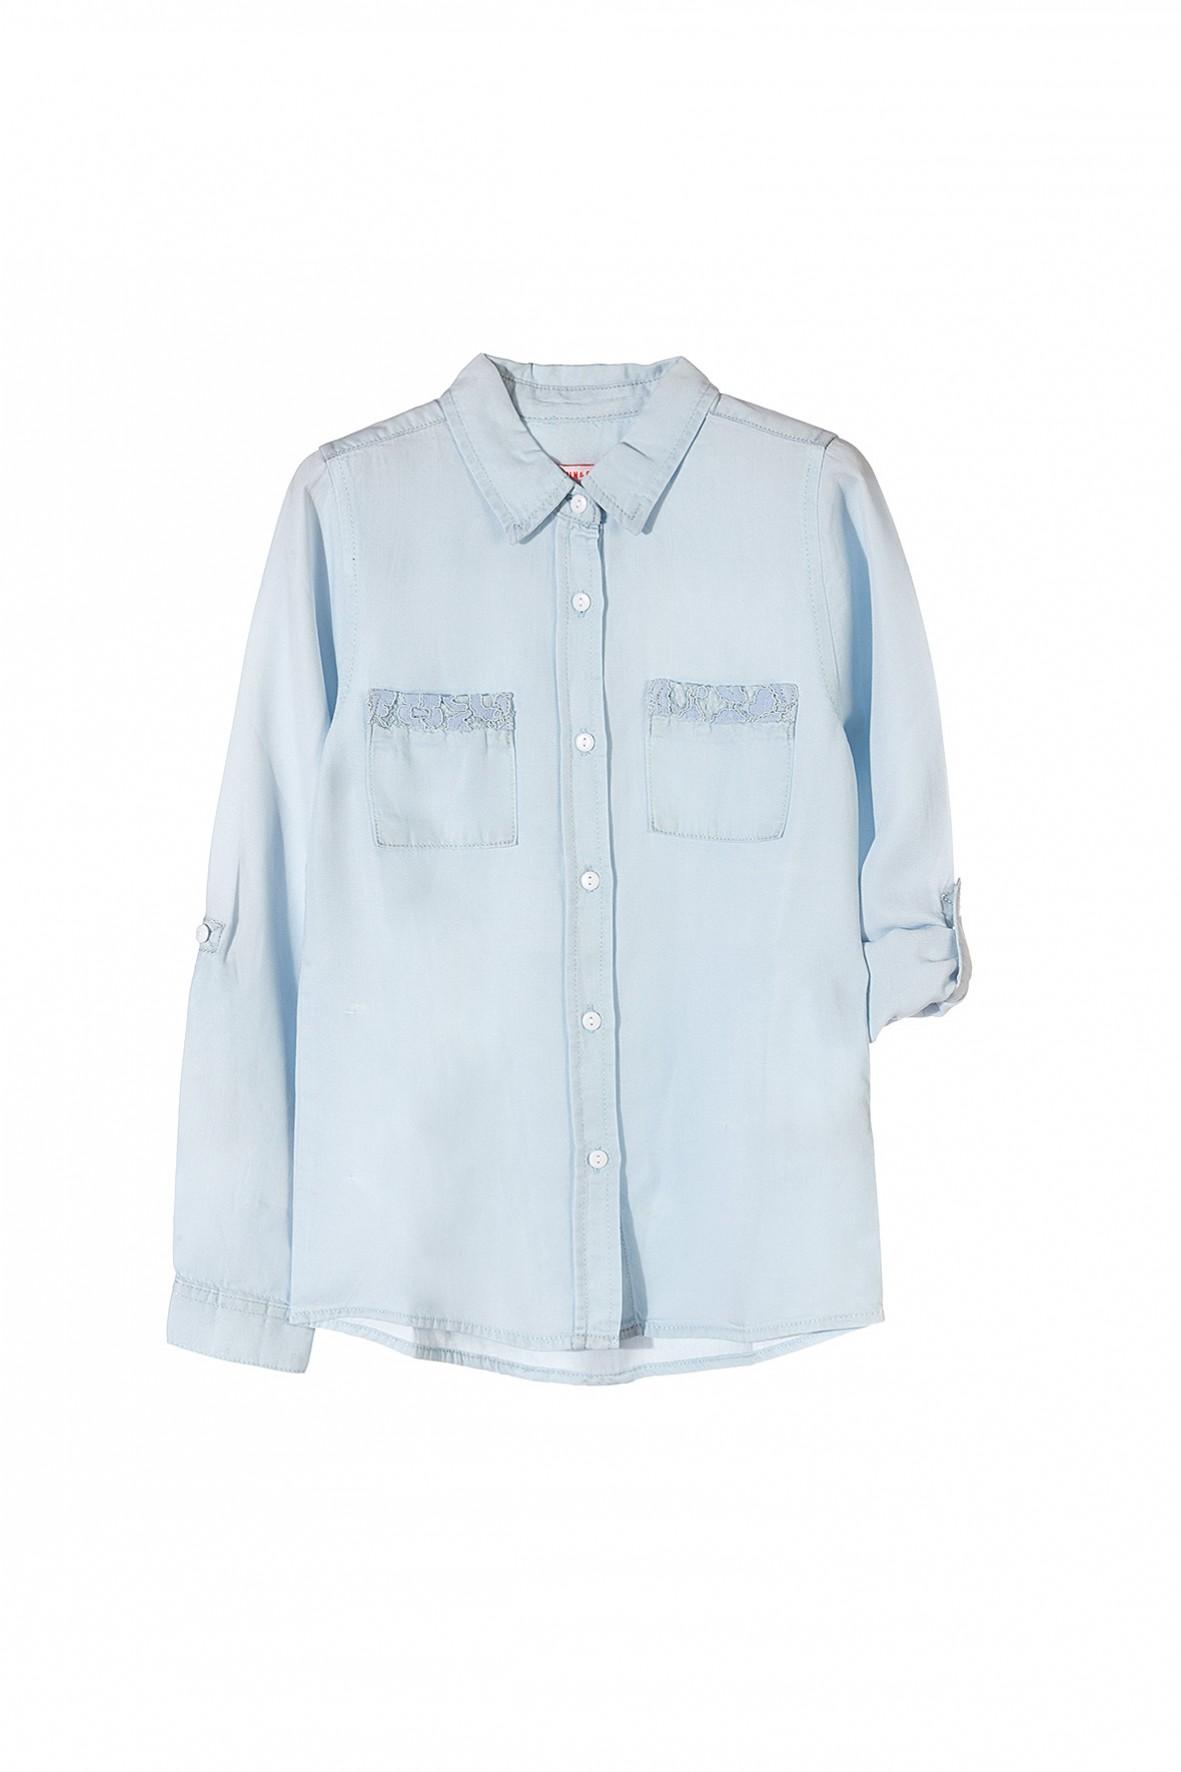 4f40f19ddb Niebieska sportowa koszula dla dziewczynki dostępna w rozmiarach 134-164